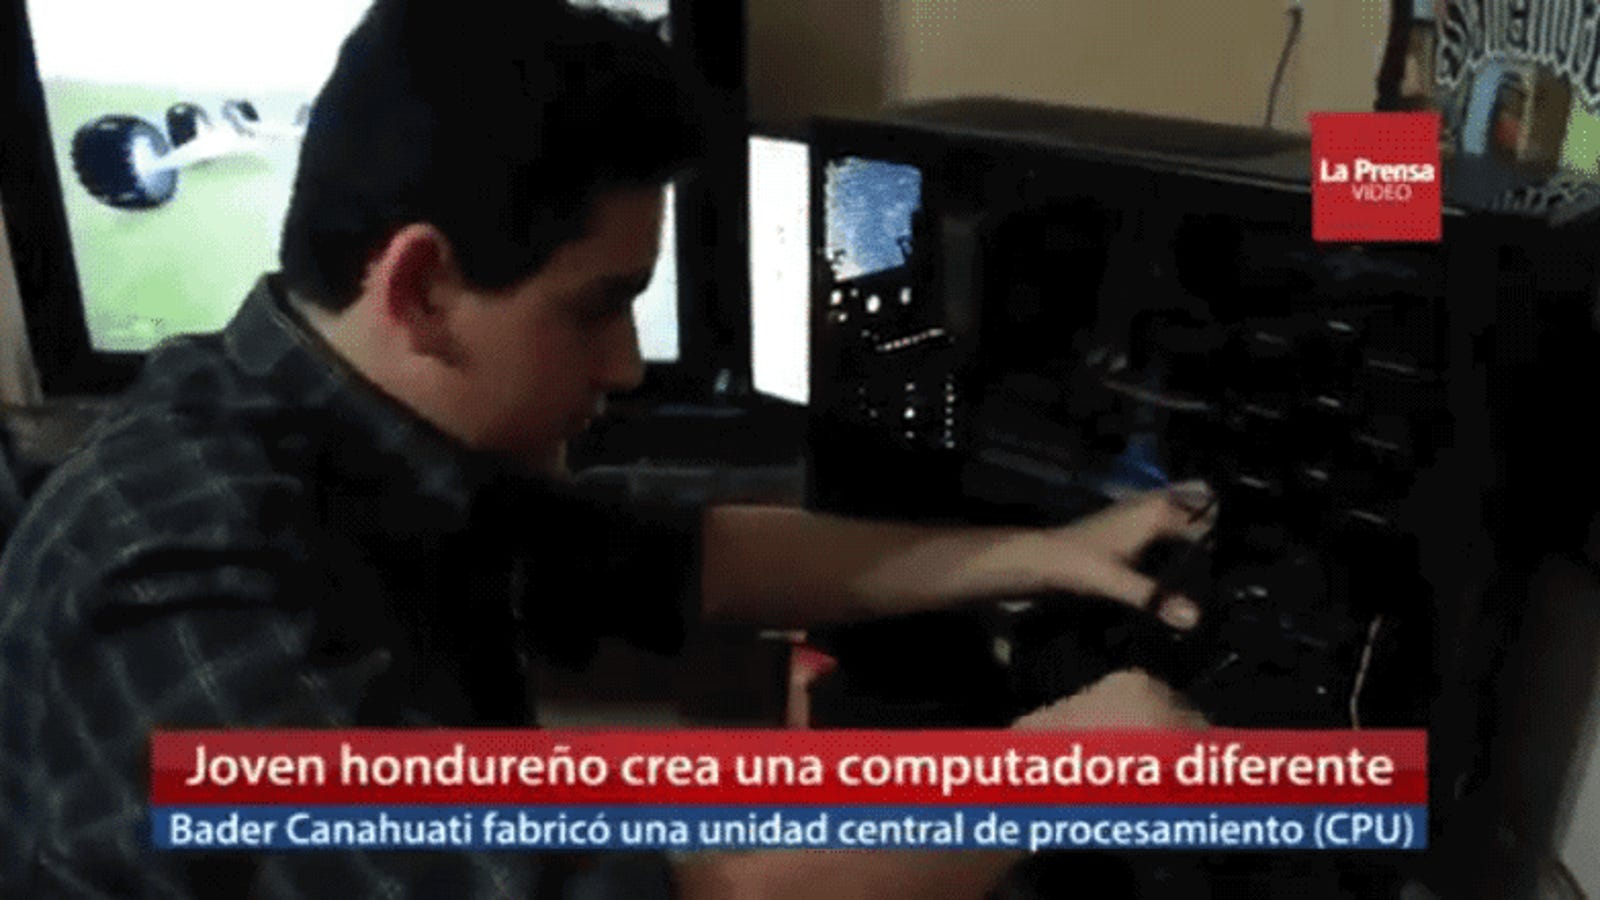 La televisión hondureña presenta como genio de la informática a un chico que cambió su disco duro